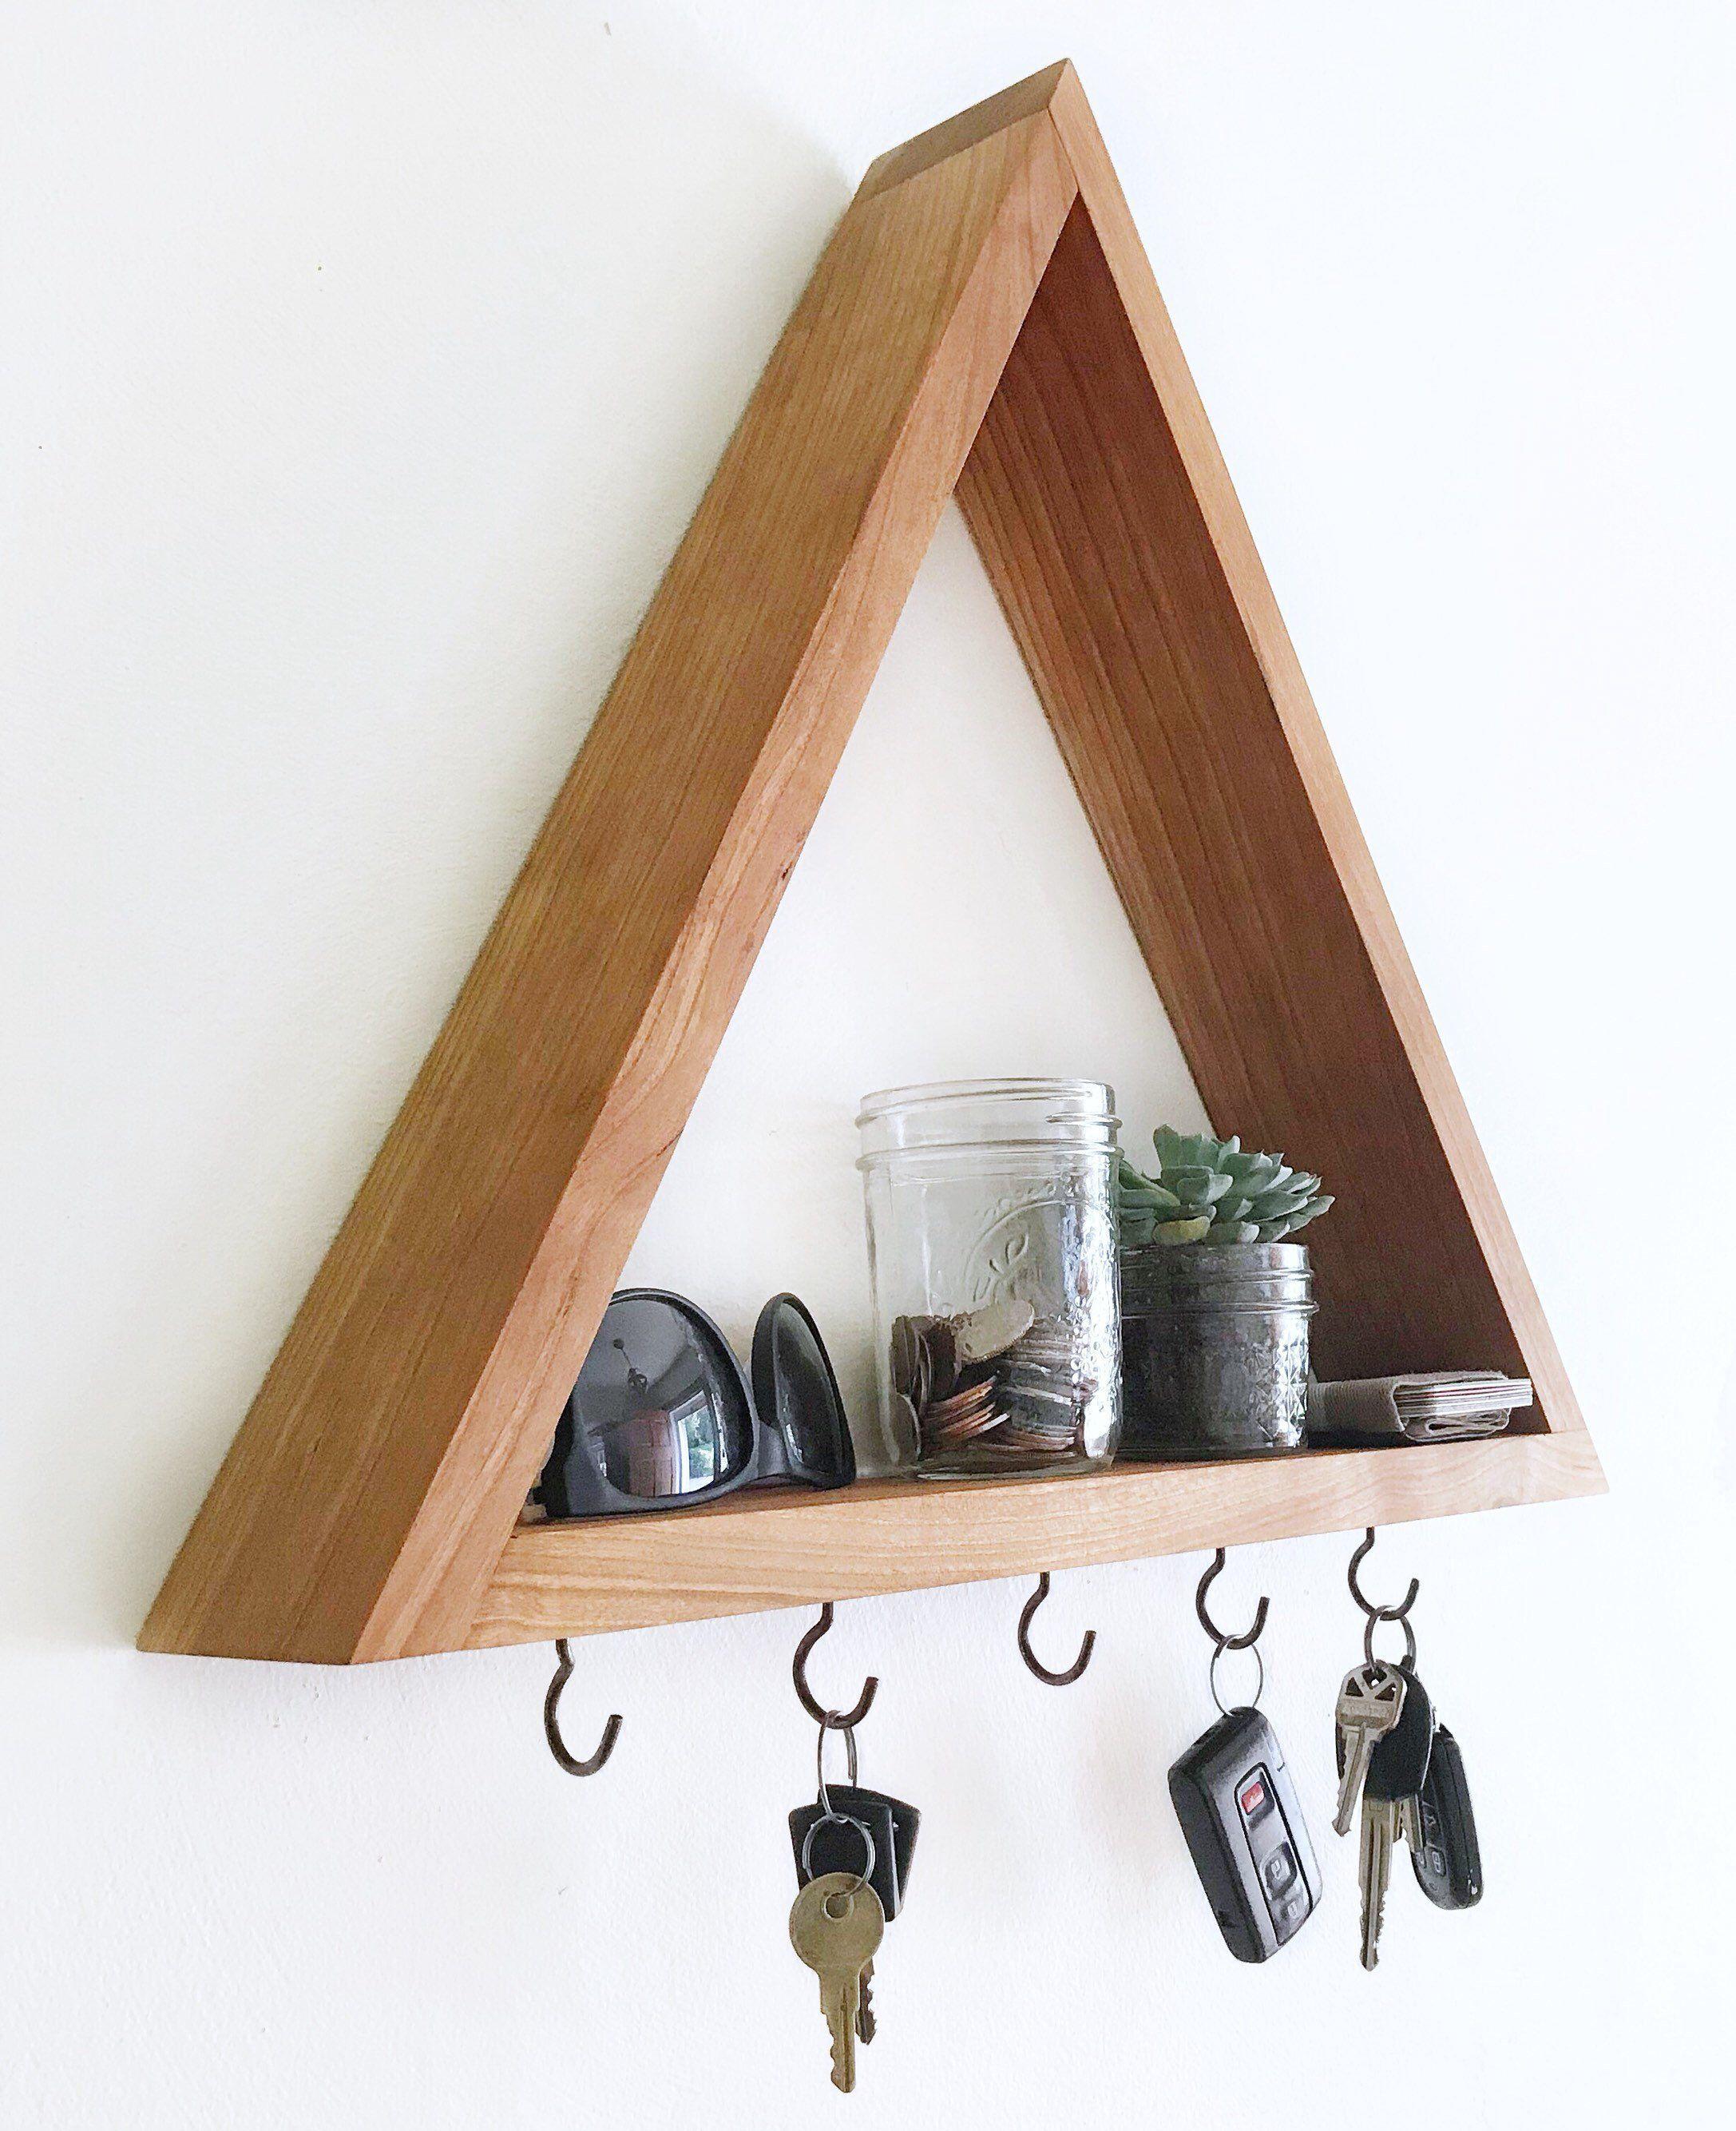 Wood Triangle Shelf Key Hooks Leash Hooks Rack Modern Handmade